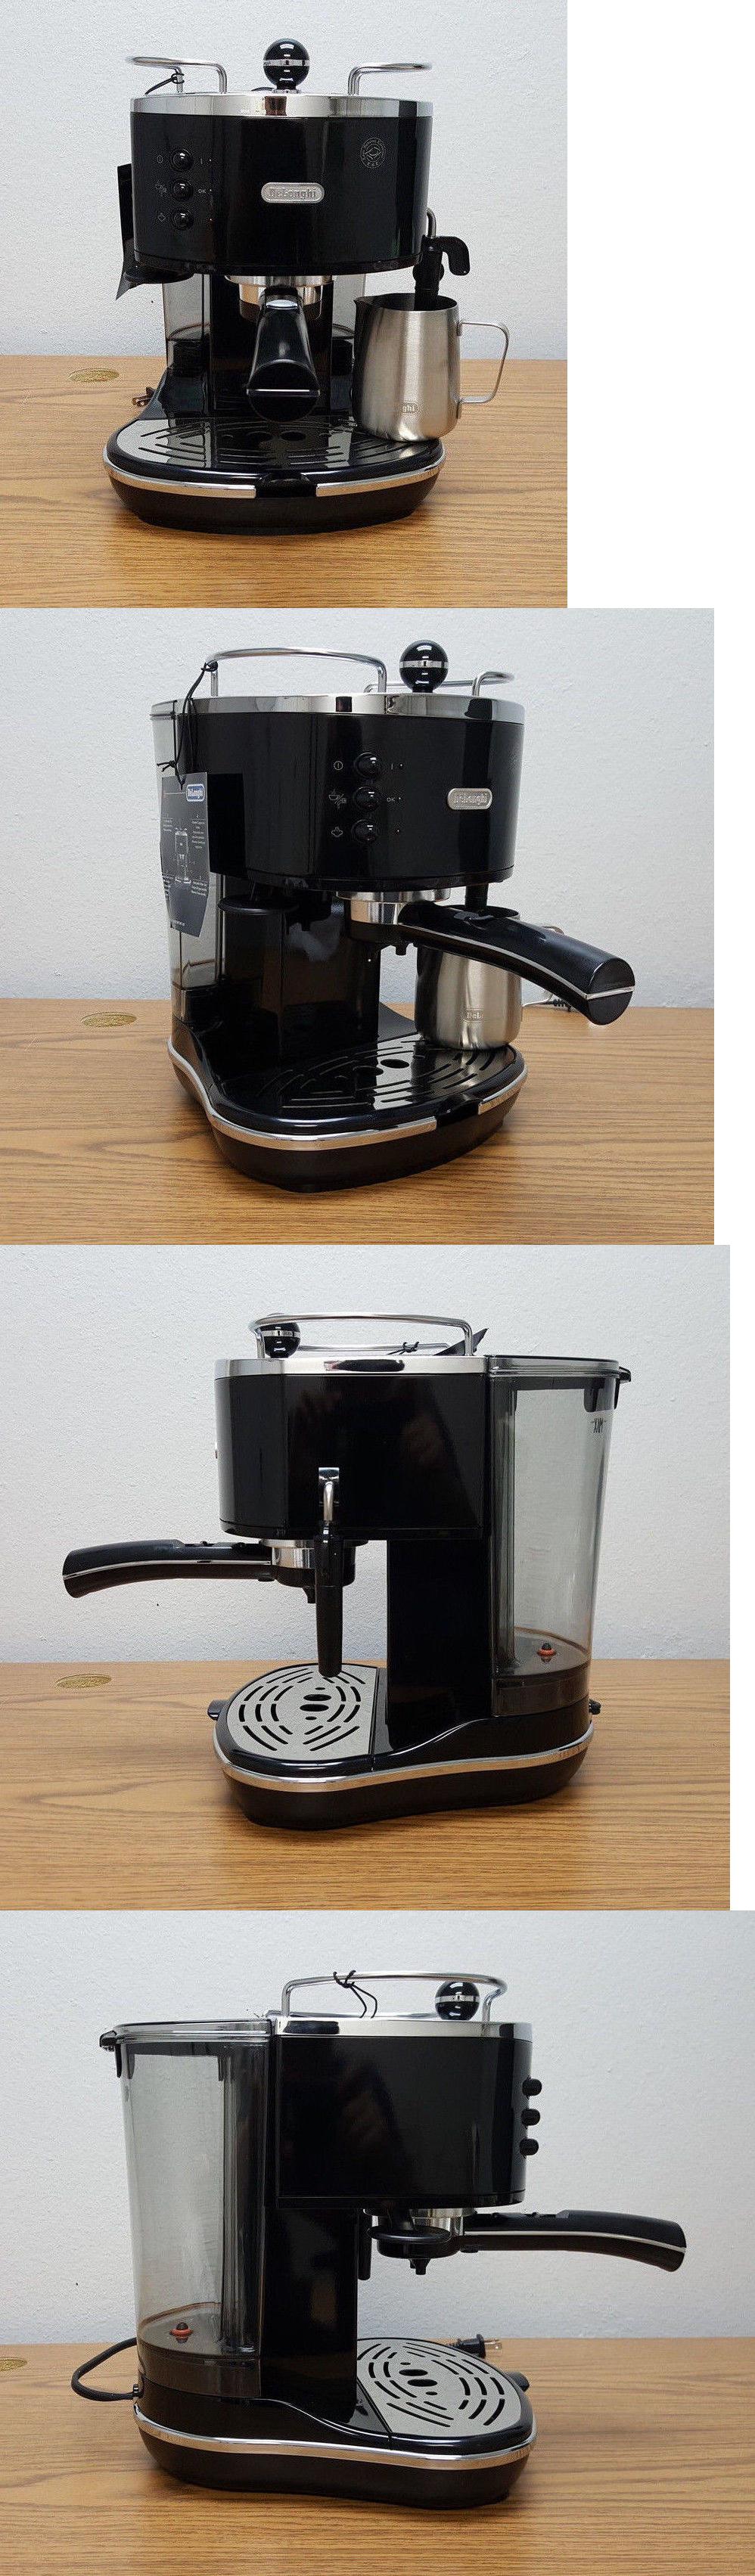 buy latte machine